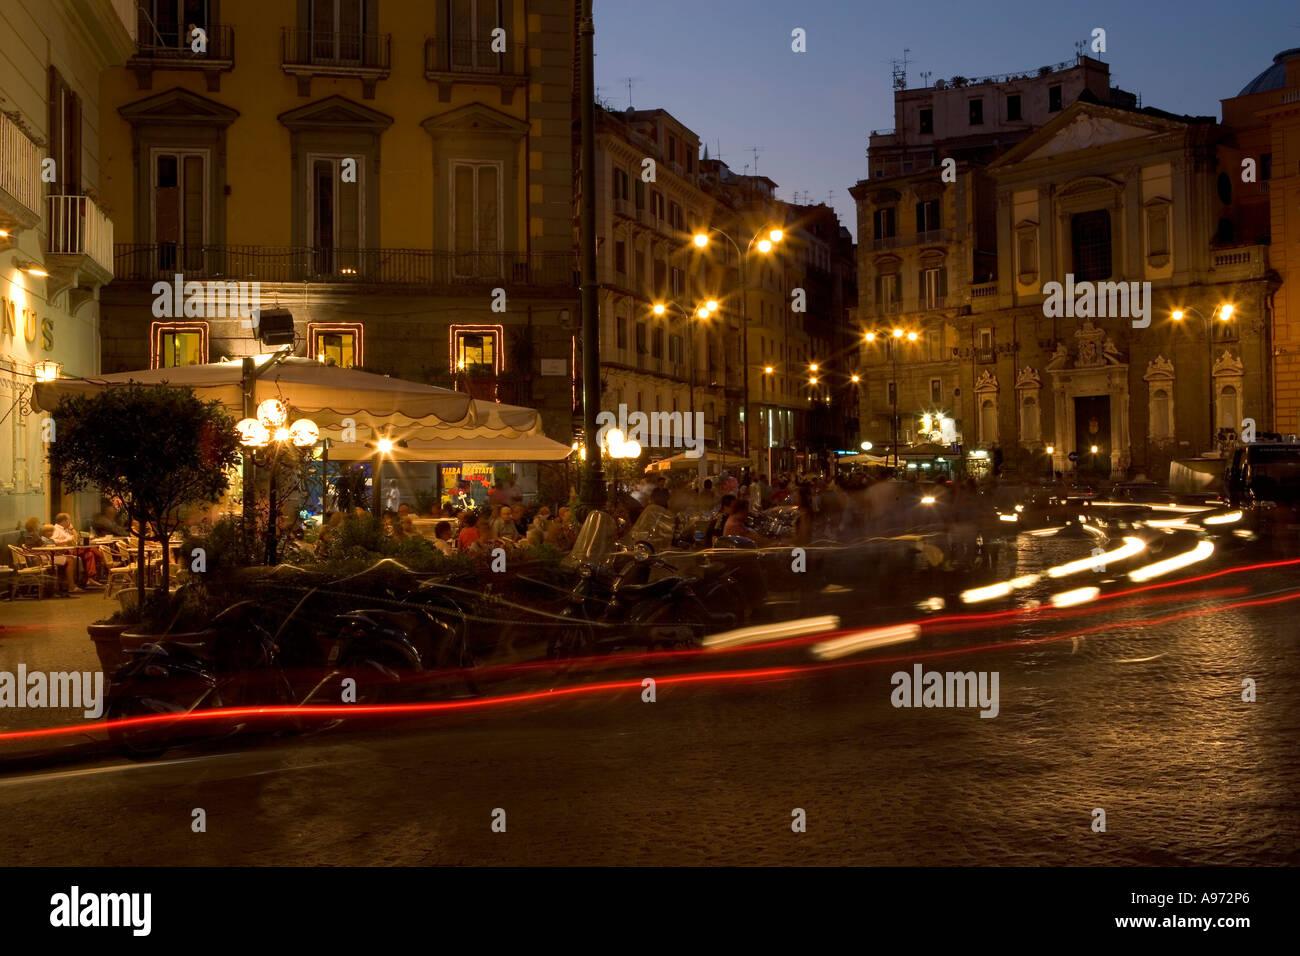 Ein Nightscene in einer italienischen Straße erschossen mit einer langen Belichtungszeit die Bewegung des Verkehrs rund um das Restaurant zu zeigen Stockbild